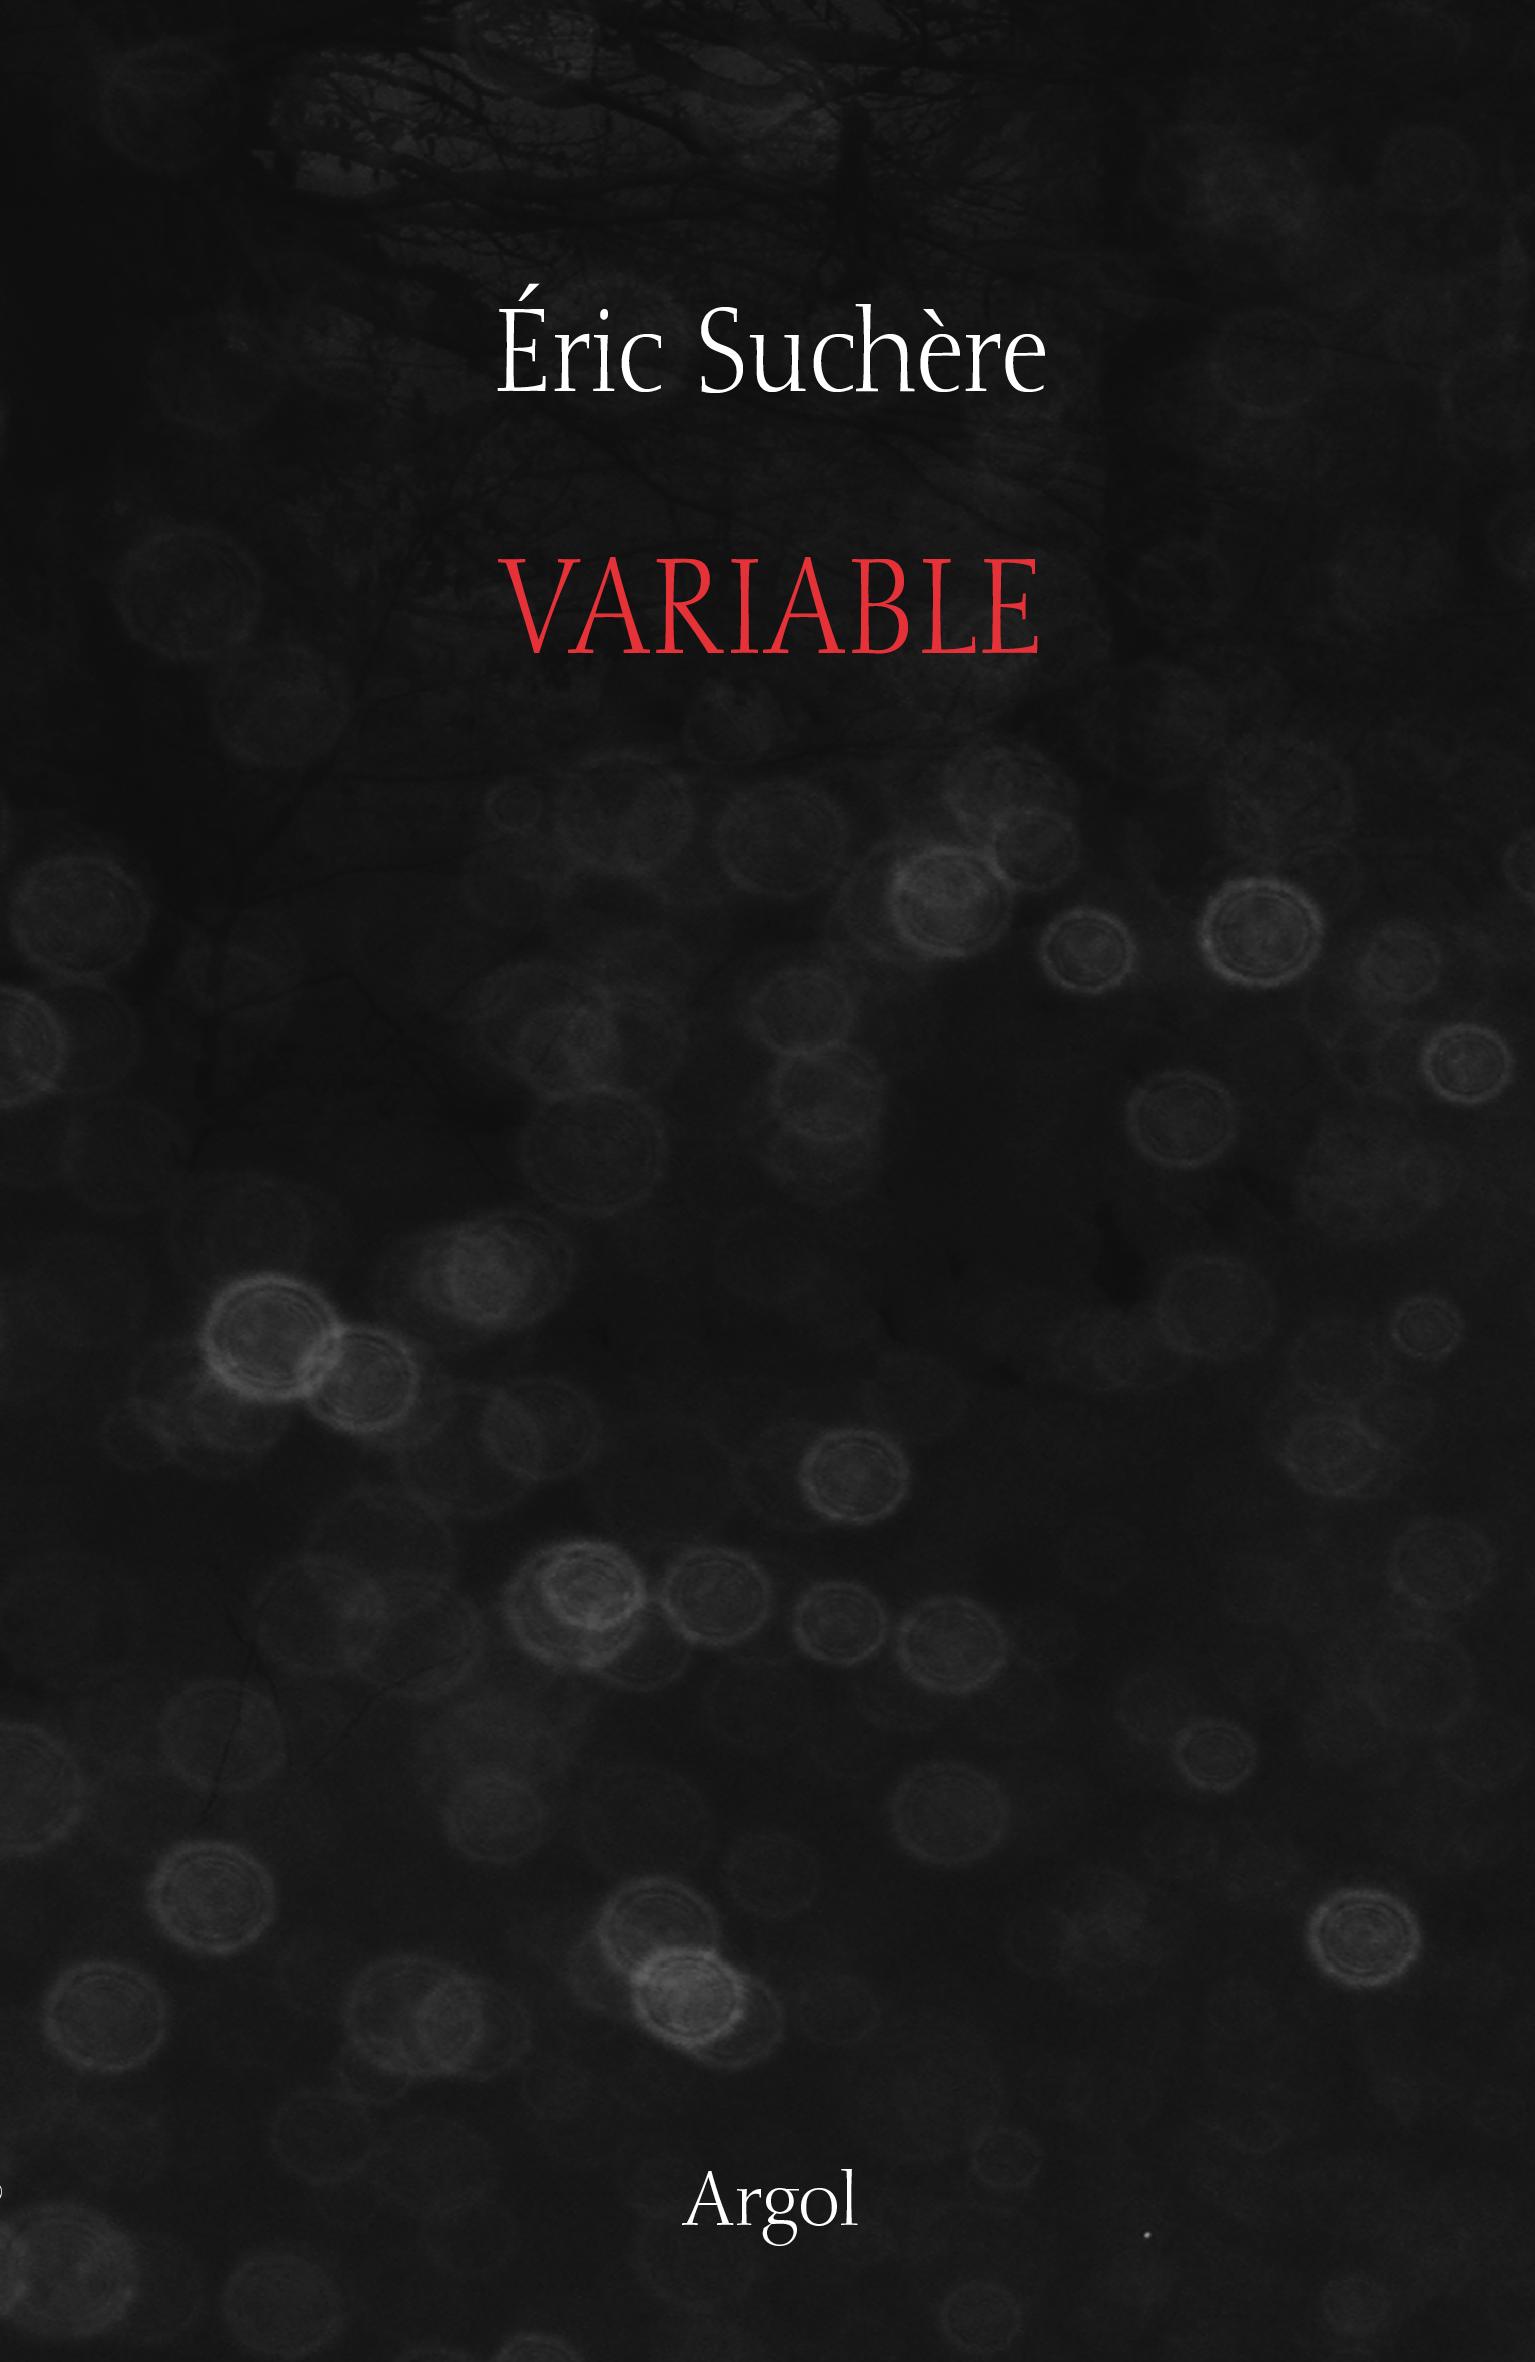 Éric Suchère, Variable, Argol (couverture)